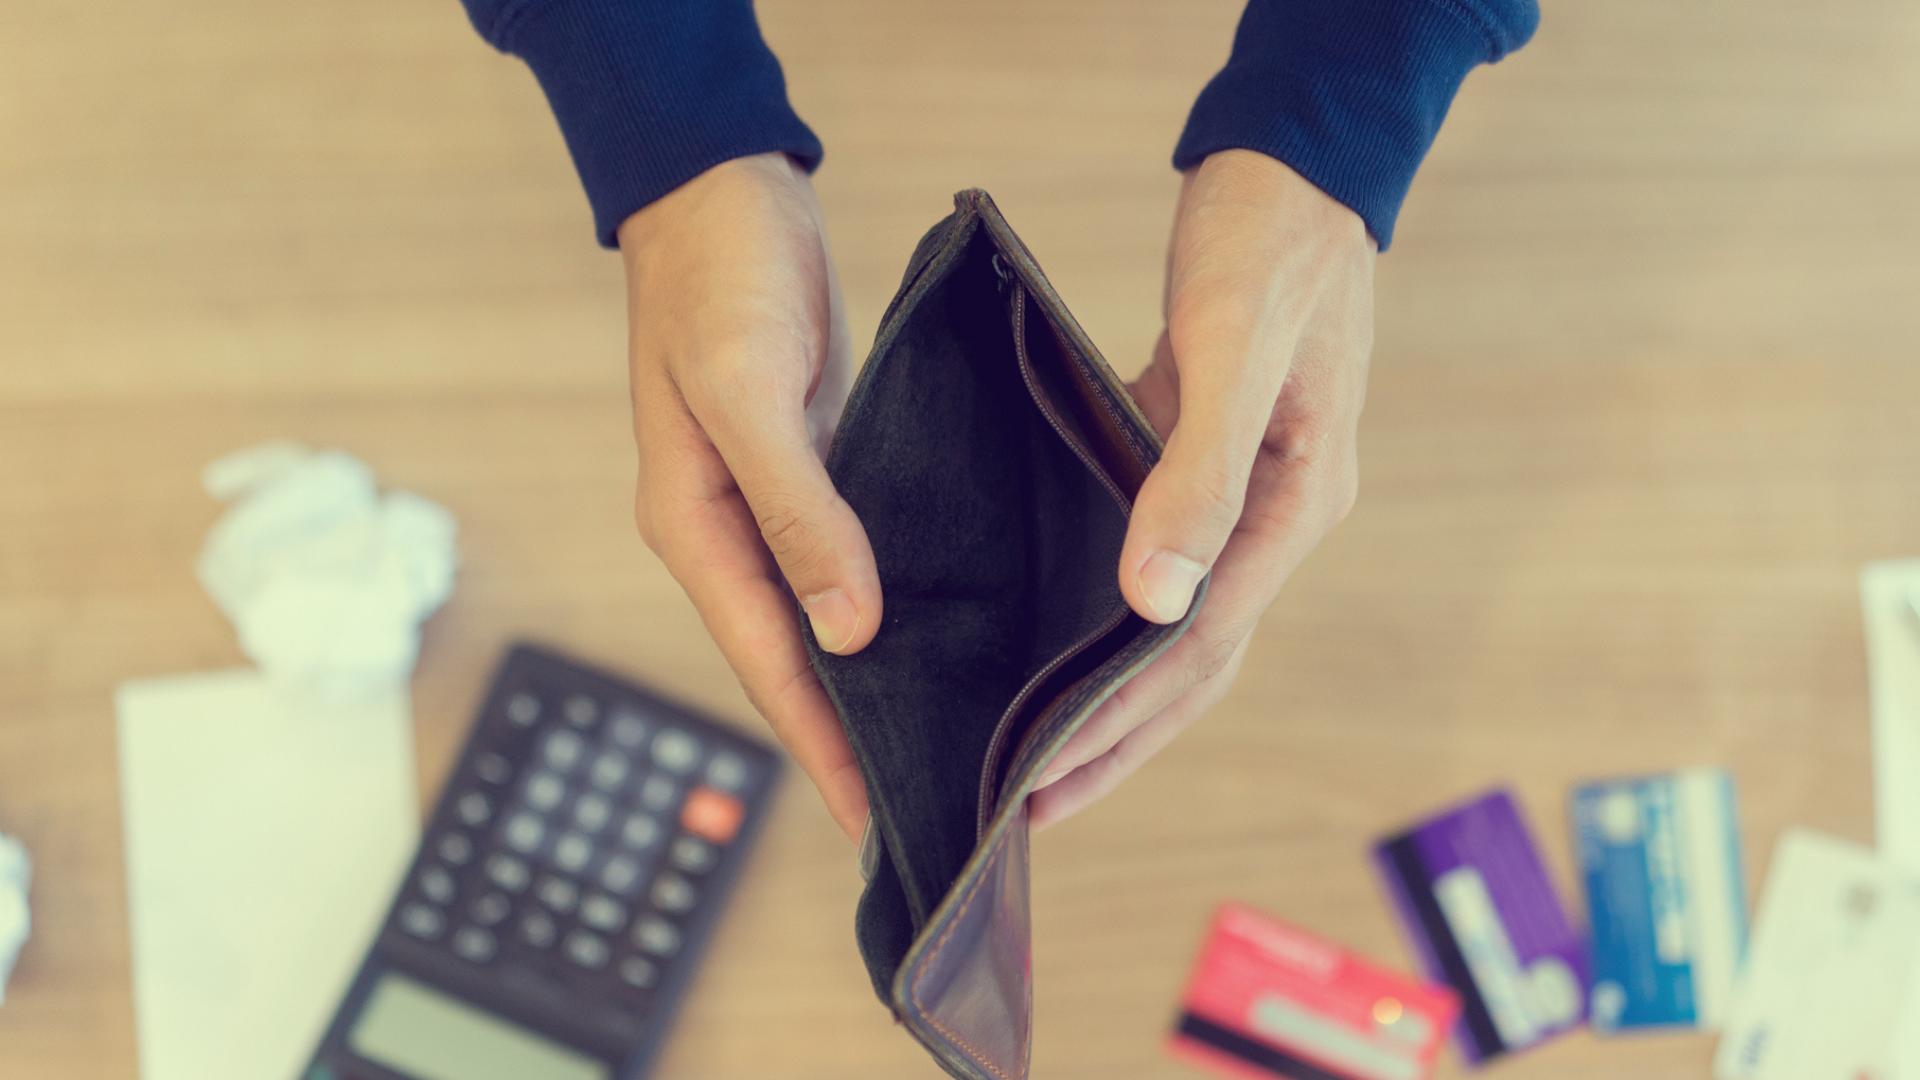 Conoce cómo solicitar un crédito de nomina y sus ventajas y desventajas